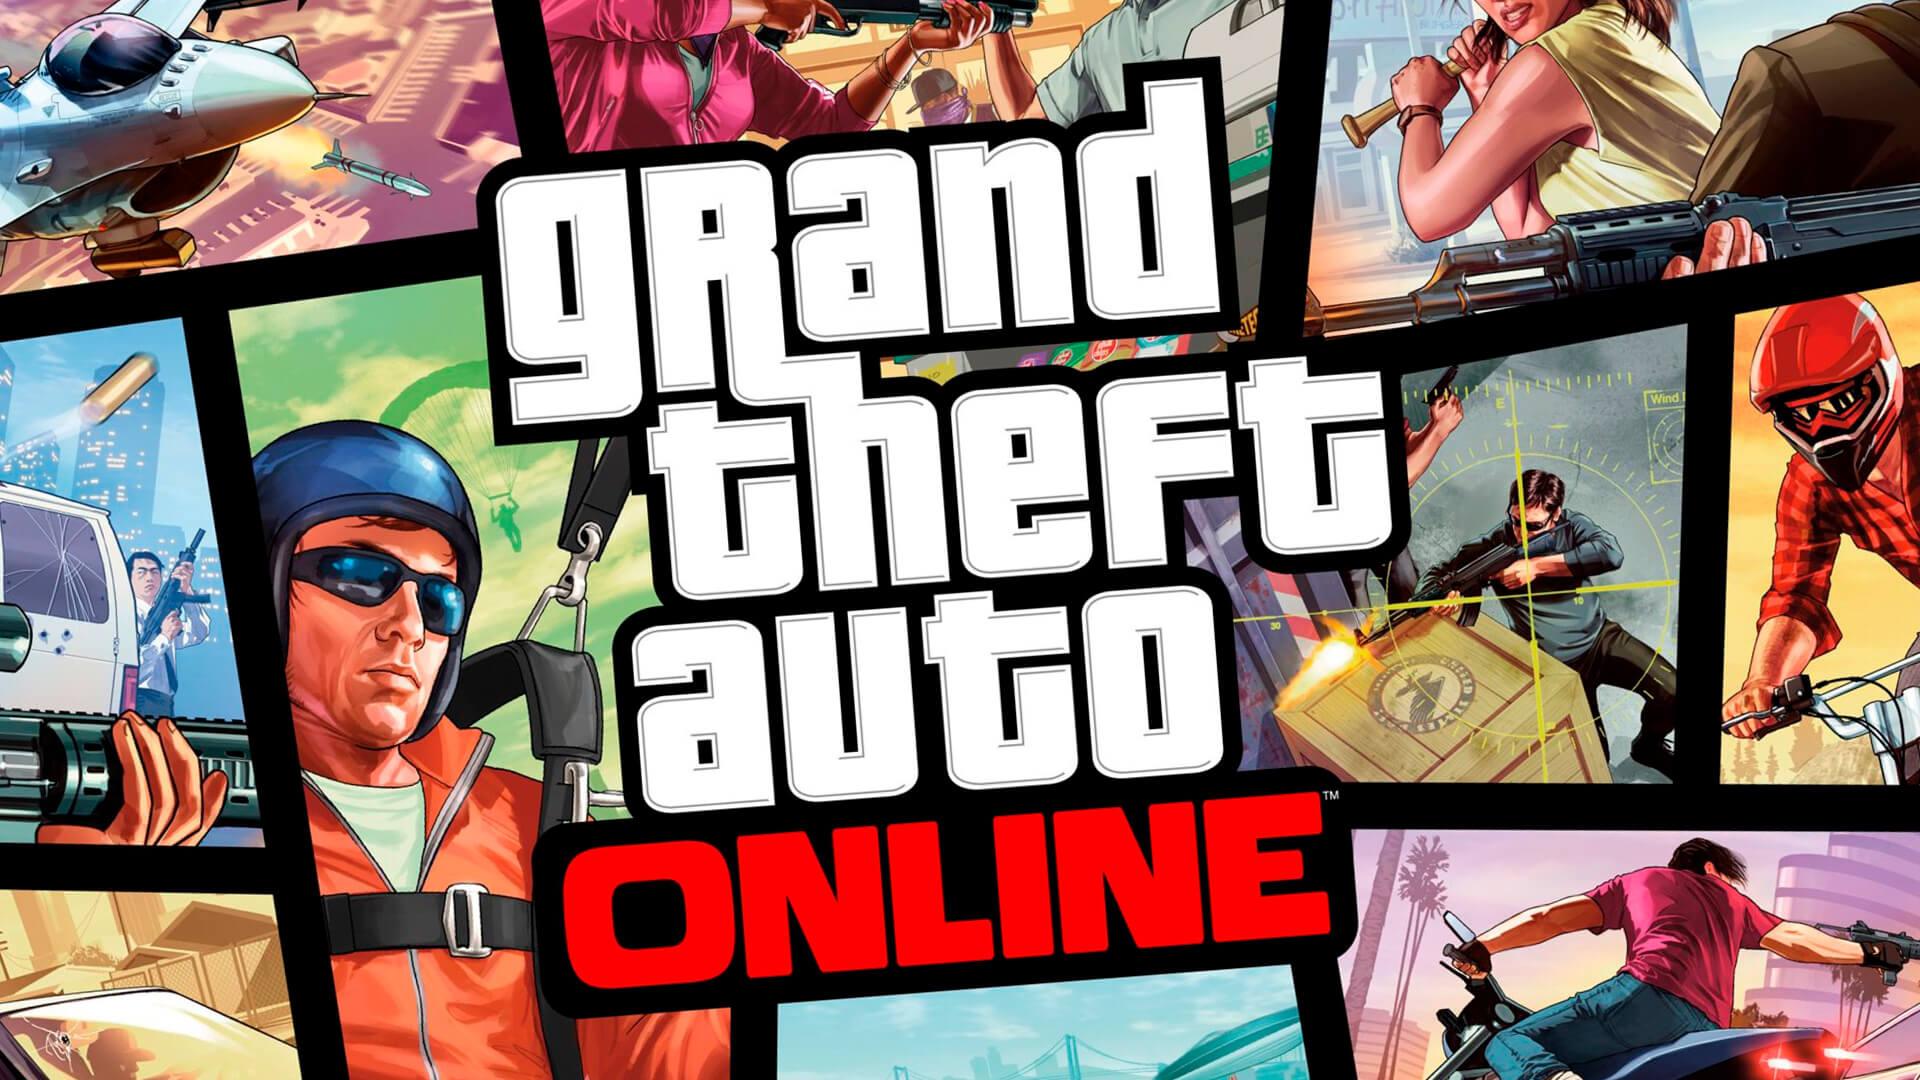 Depois de um hiato de atualizações por parte da Rockstar Games para com o GTA Online, parece que os fãs vão ser surpreendidos.